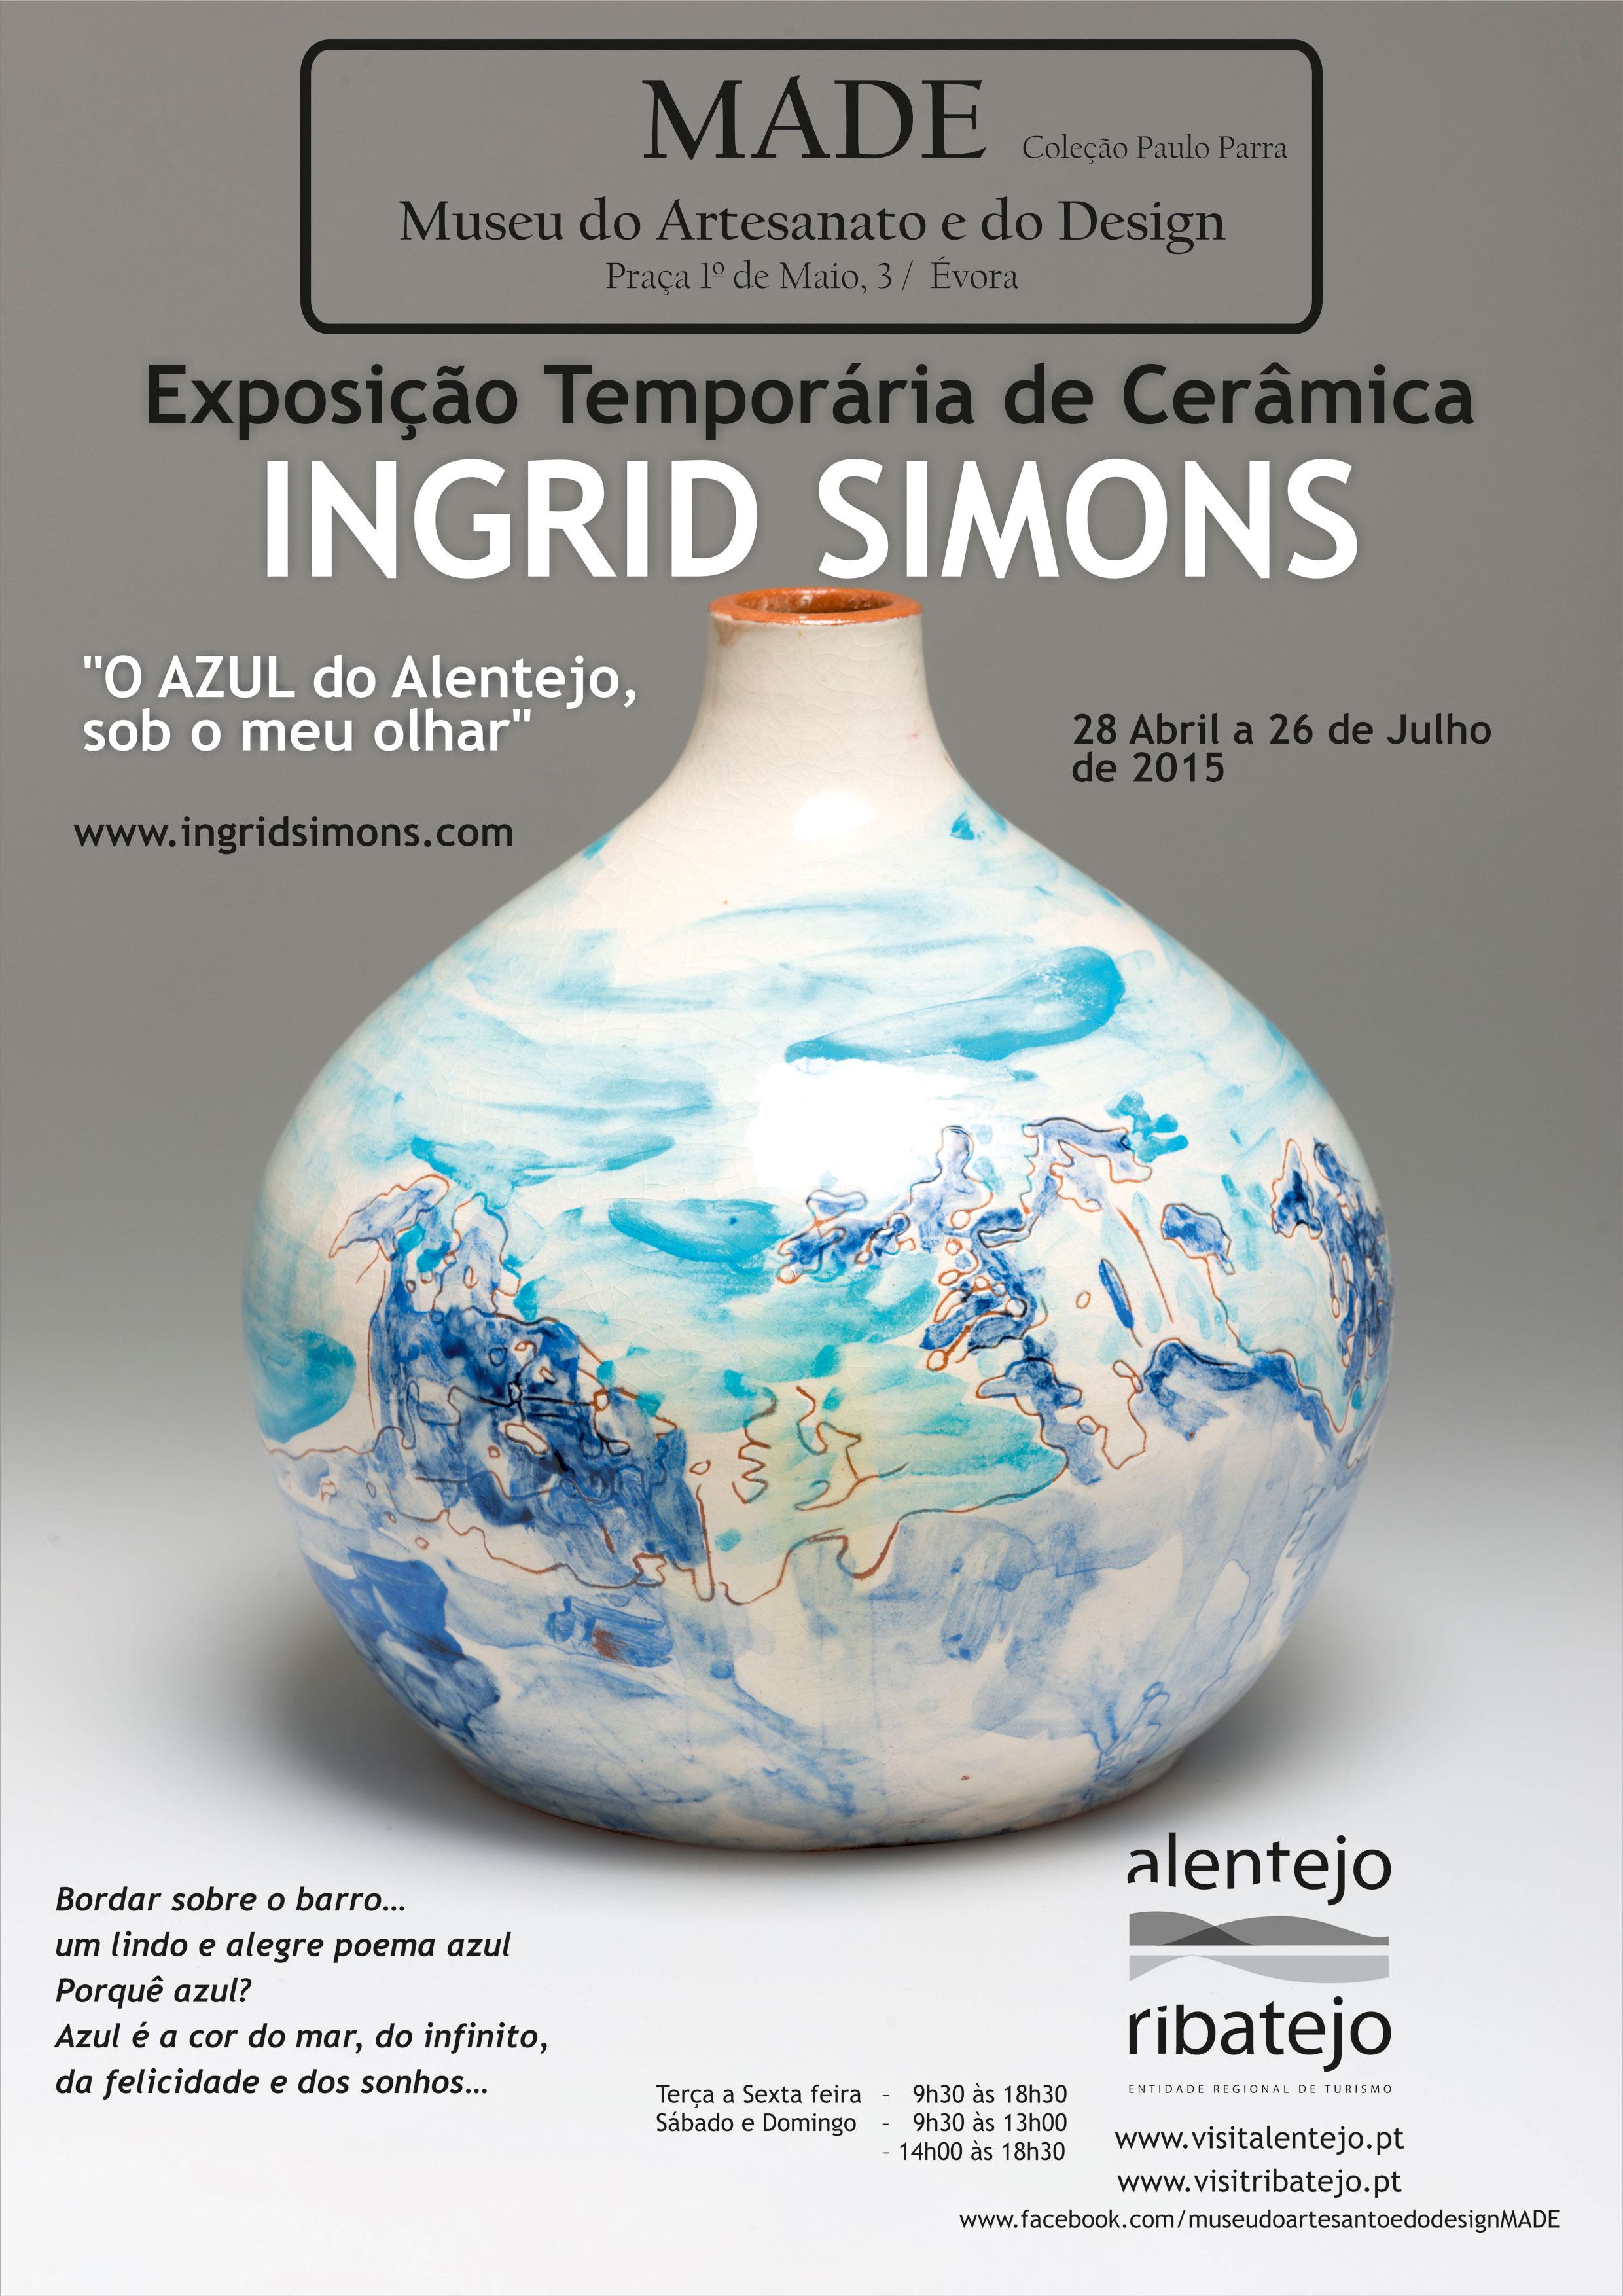 Solo exhibition O azul do Alentejo sob o meu olhar, Museu do Artesanato e do Design, Ėvora, Portugal (2015)